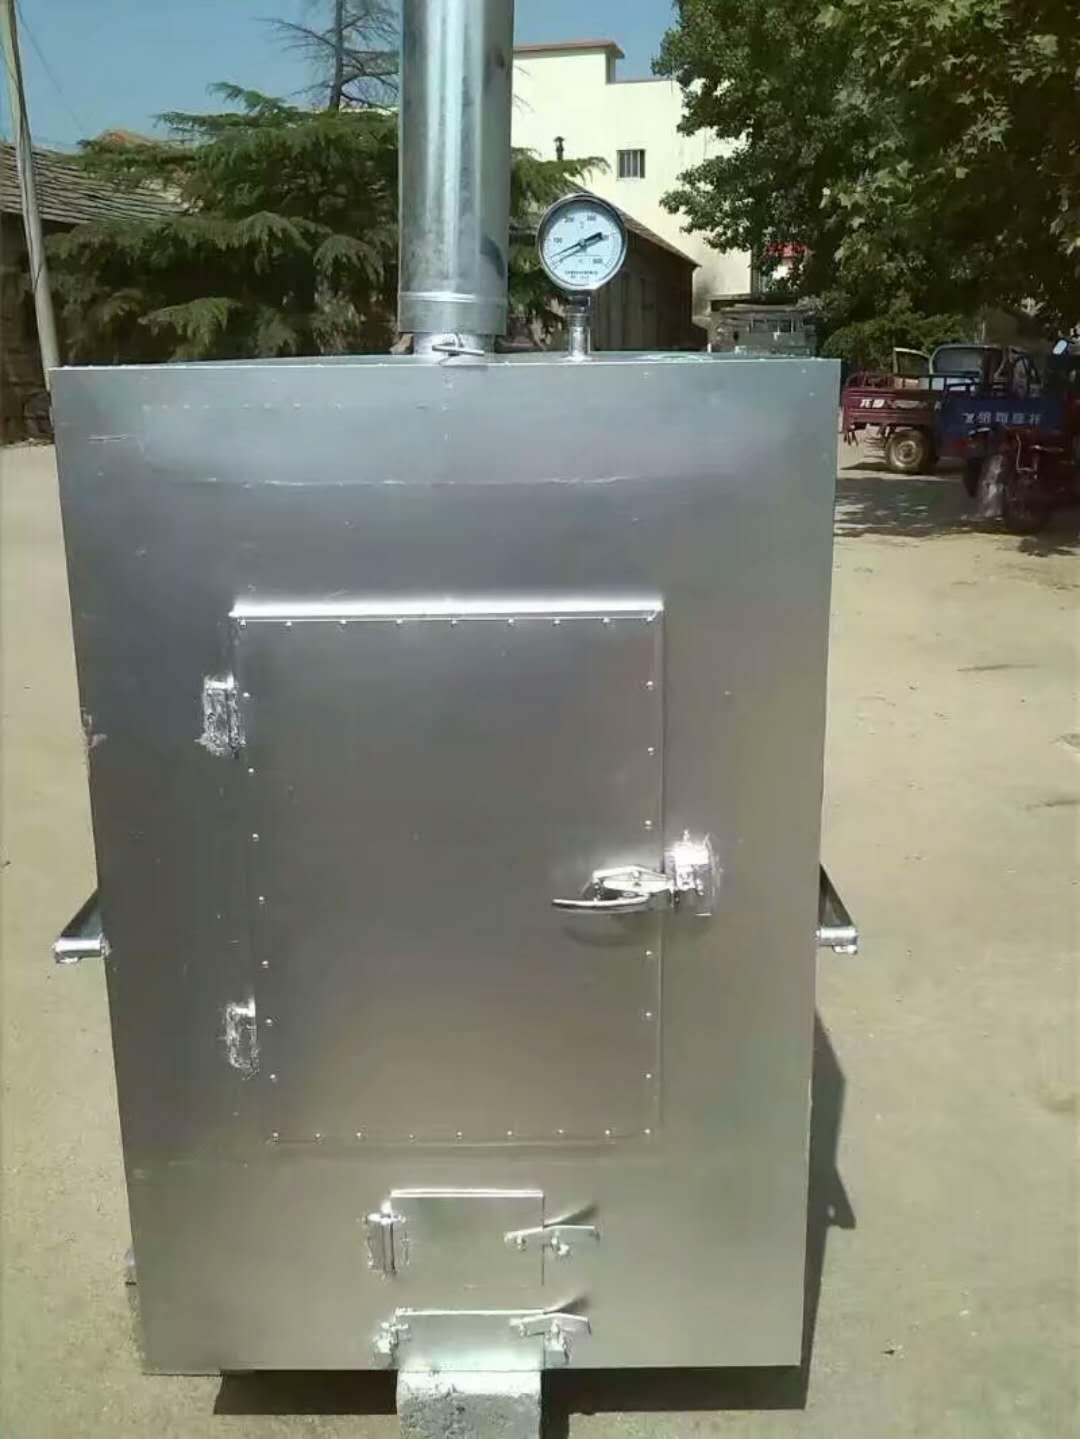 優良大餅爐推薦給你  |方形烤餅爐哪家便宜